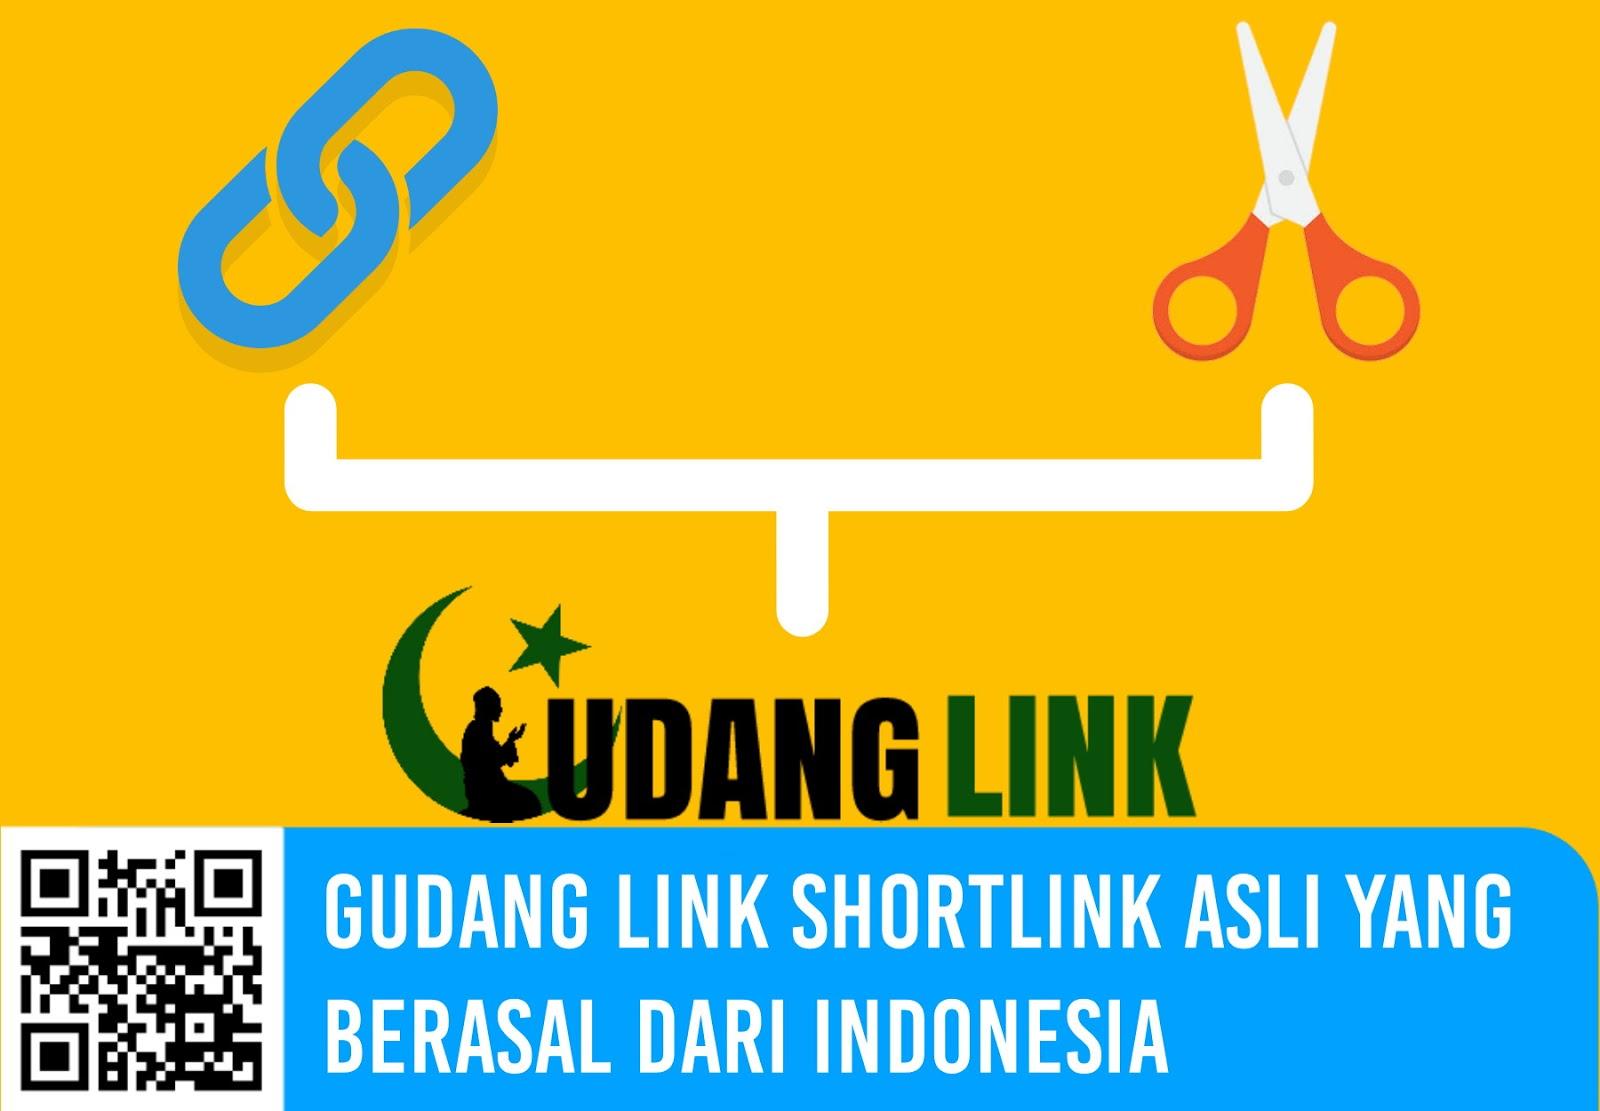 Gudang Link Shortlink Asli yang Berasal dari Indonesia